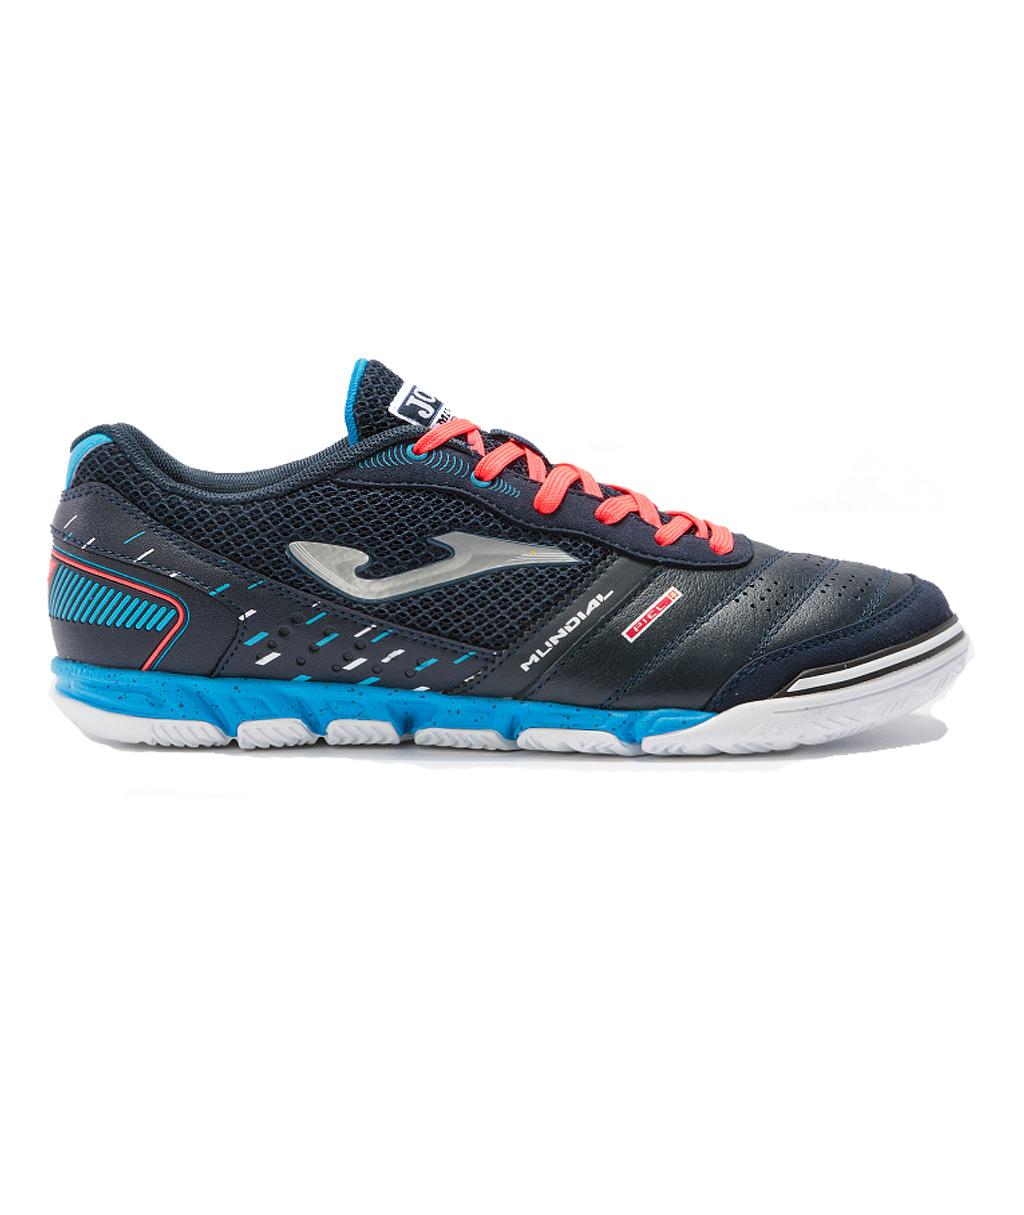 Купить Joma Mundial MUNW2103IN тёмно-синие в интернет-магазине